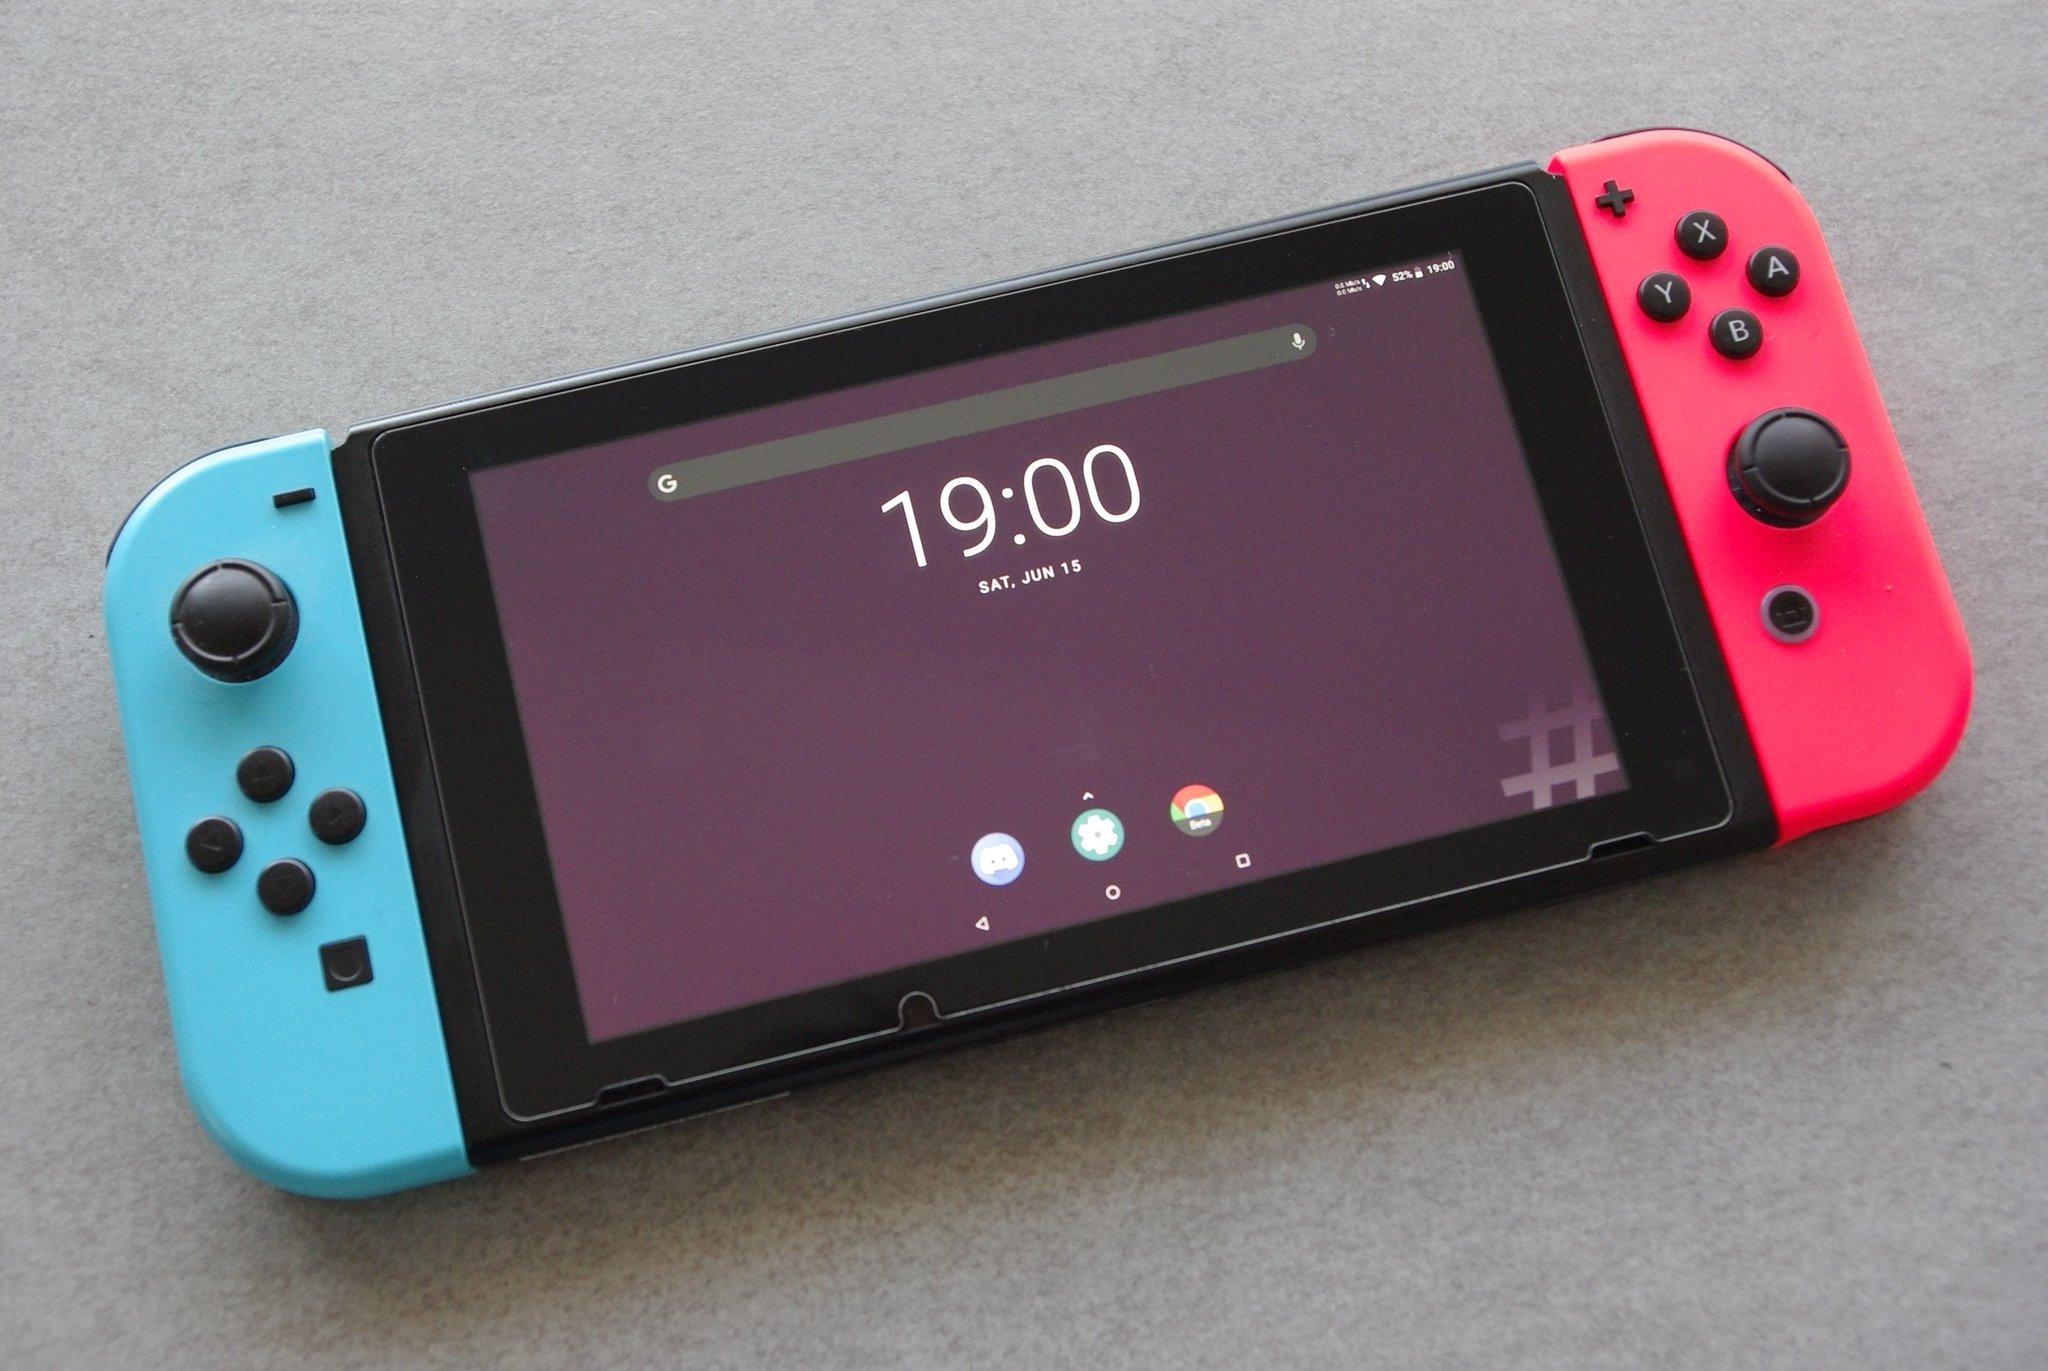 Un groupe de Hackers a réussi à porter Android sur la Nintendo Switch